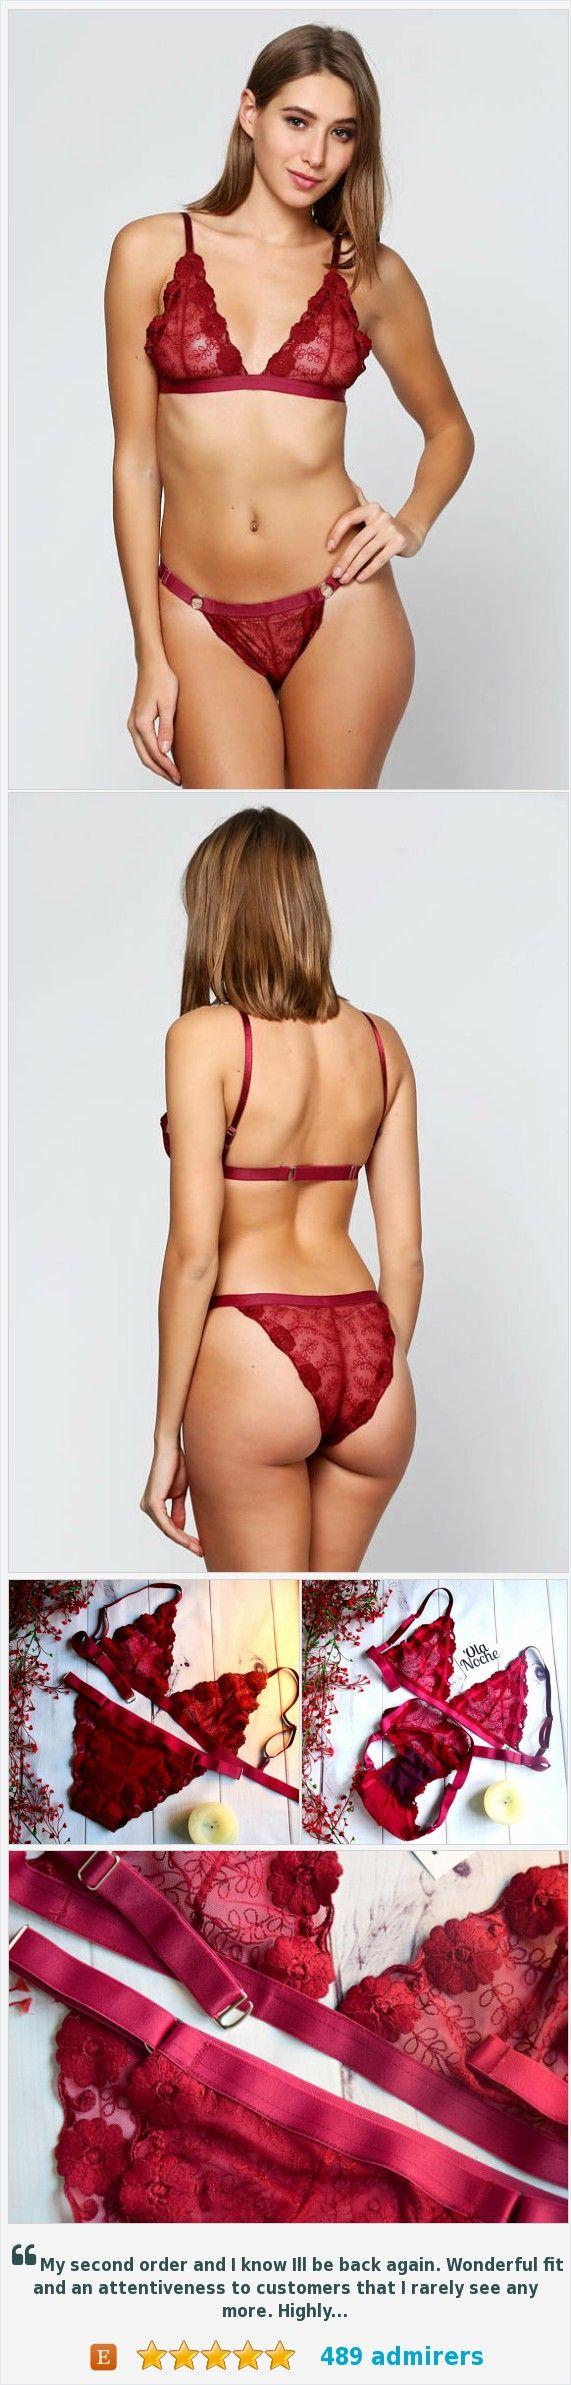 #Redlingerie #Lingeriesheer #Sheernudemesh #Eroticlingerie #OlaNoche https://www.etsy.com/OlaNoche/listing/559399235/valentines-lingerie-sheer-nude-mesh?ref=shop_home_active_2